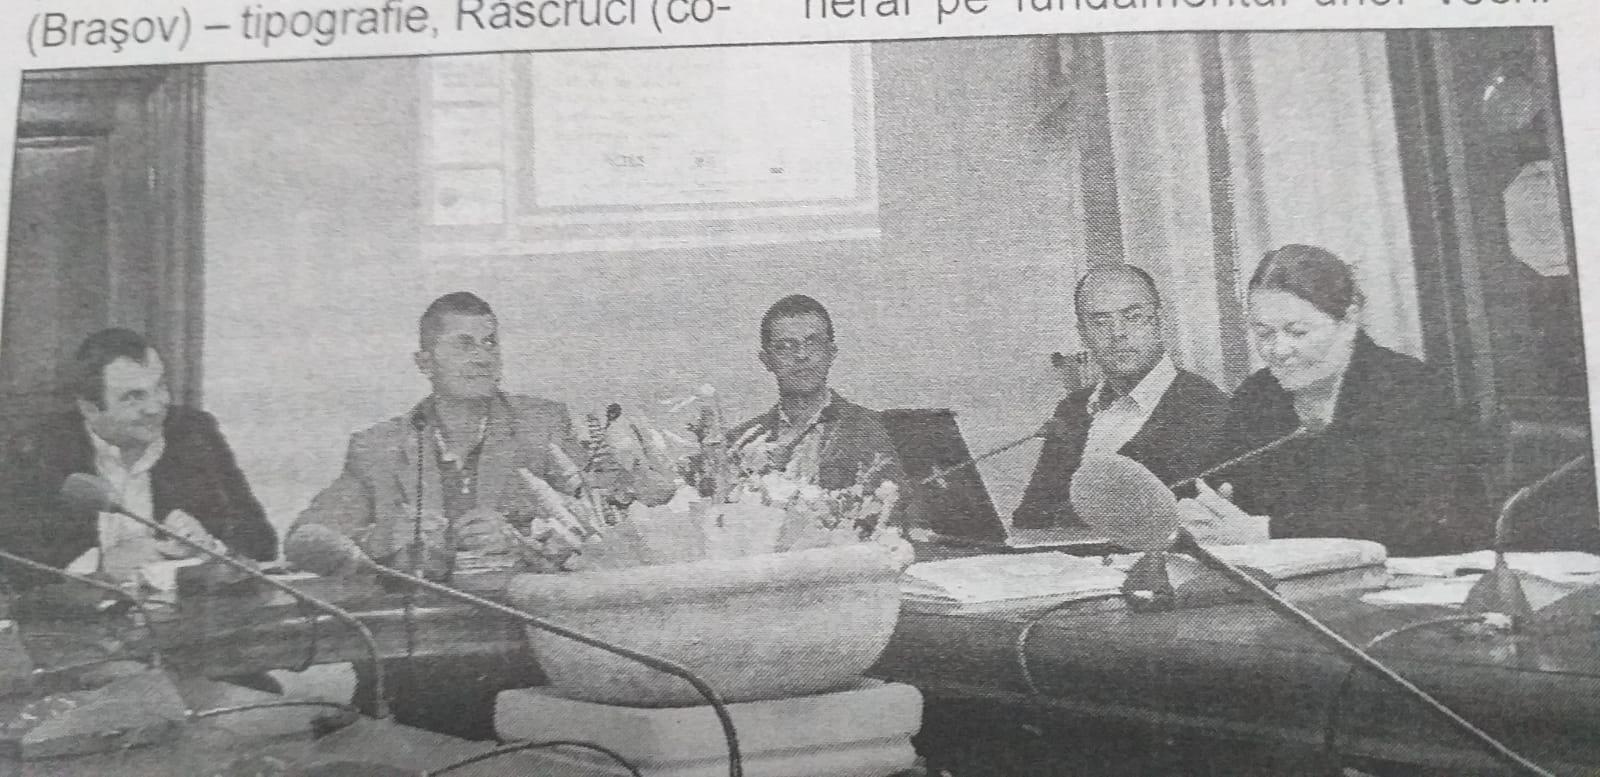 Sorin Pădurariu și Dan Barna au participat împreună la întâlniri, încă de la debutul primelor proiecte la Alba Iulia. O fotografie din presa locală îi reunește pe cei doi cu Magdalena Bene de la Consiliul Județean Alba și liderul Fundației Civitas Cluj, Martin Bologh.